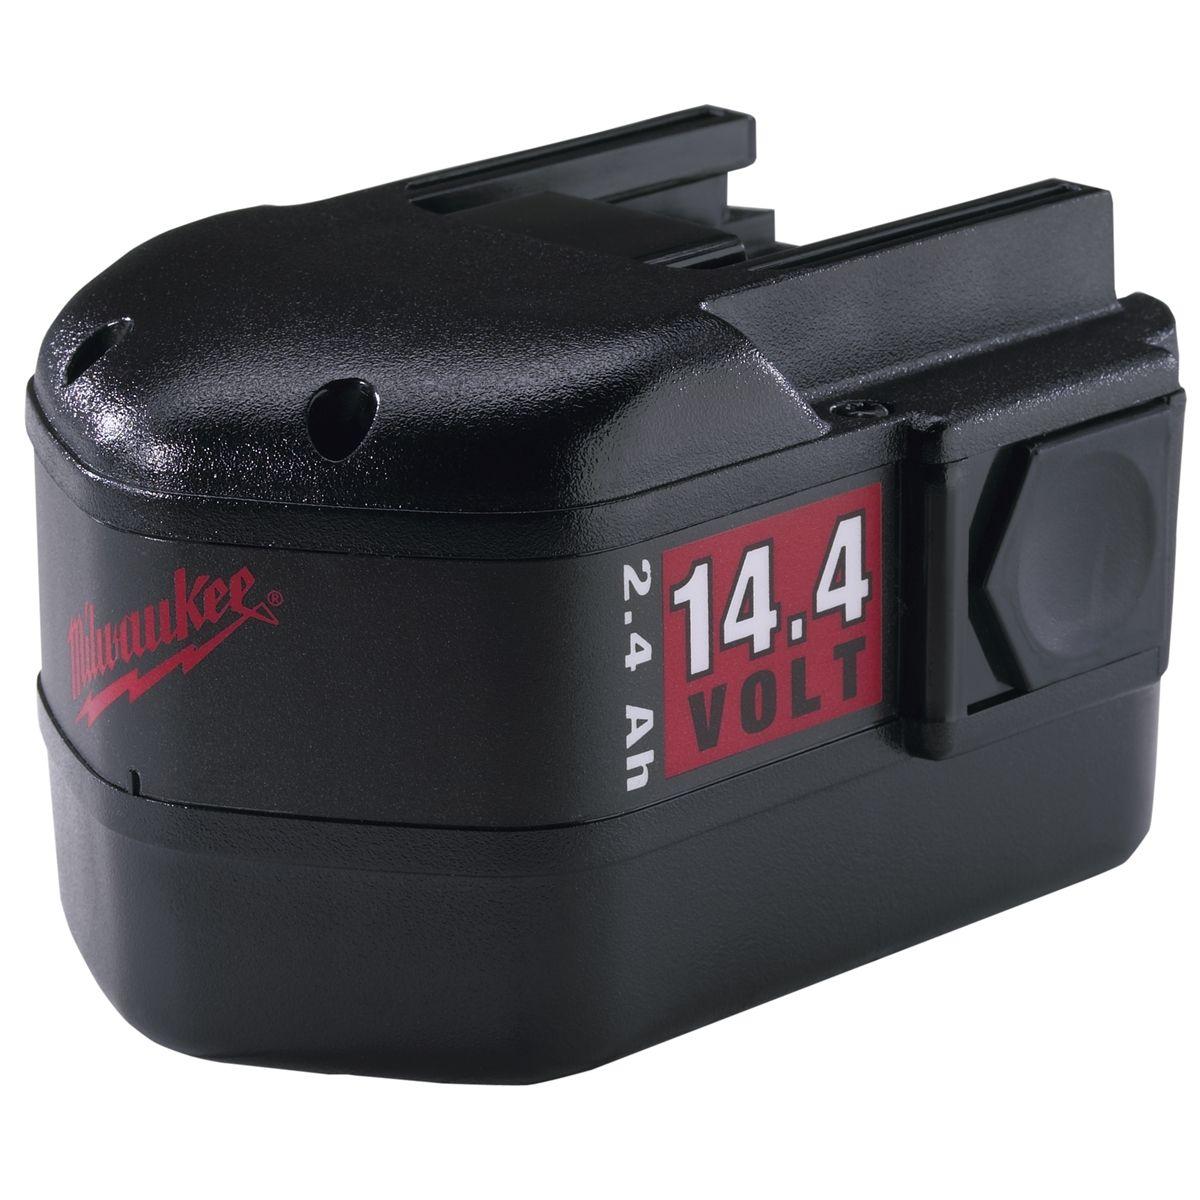 14 4 volt 2 4 amp hr power plus battery pack. Black Bedroom Furniture Sets. Home Design Ideas